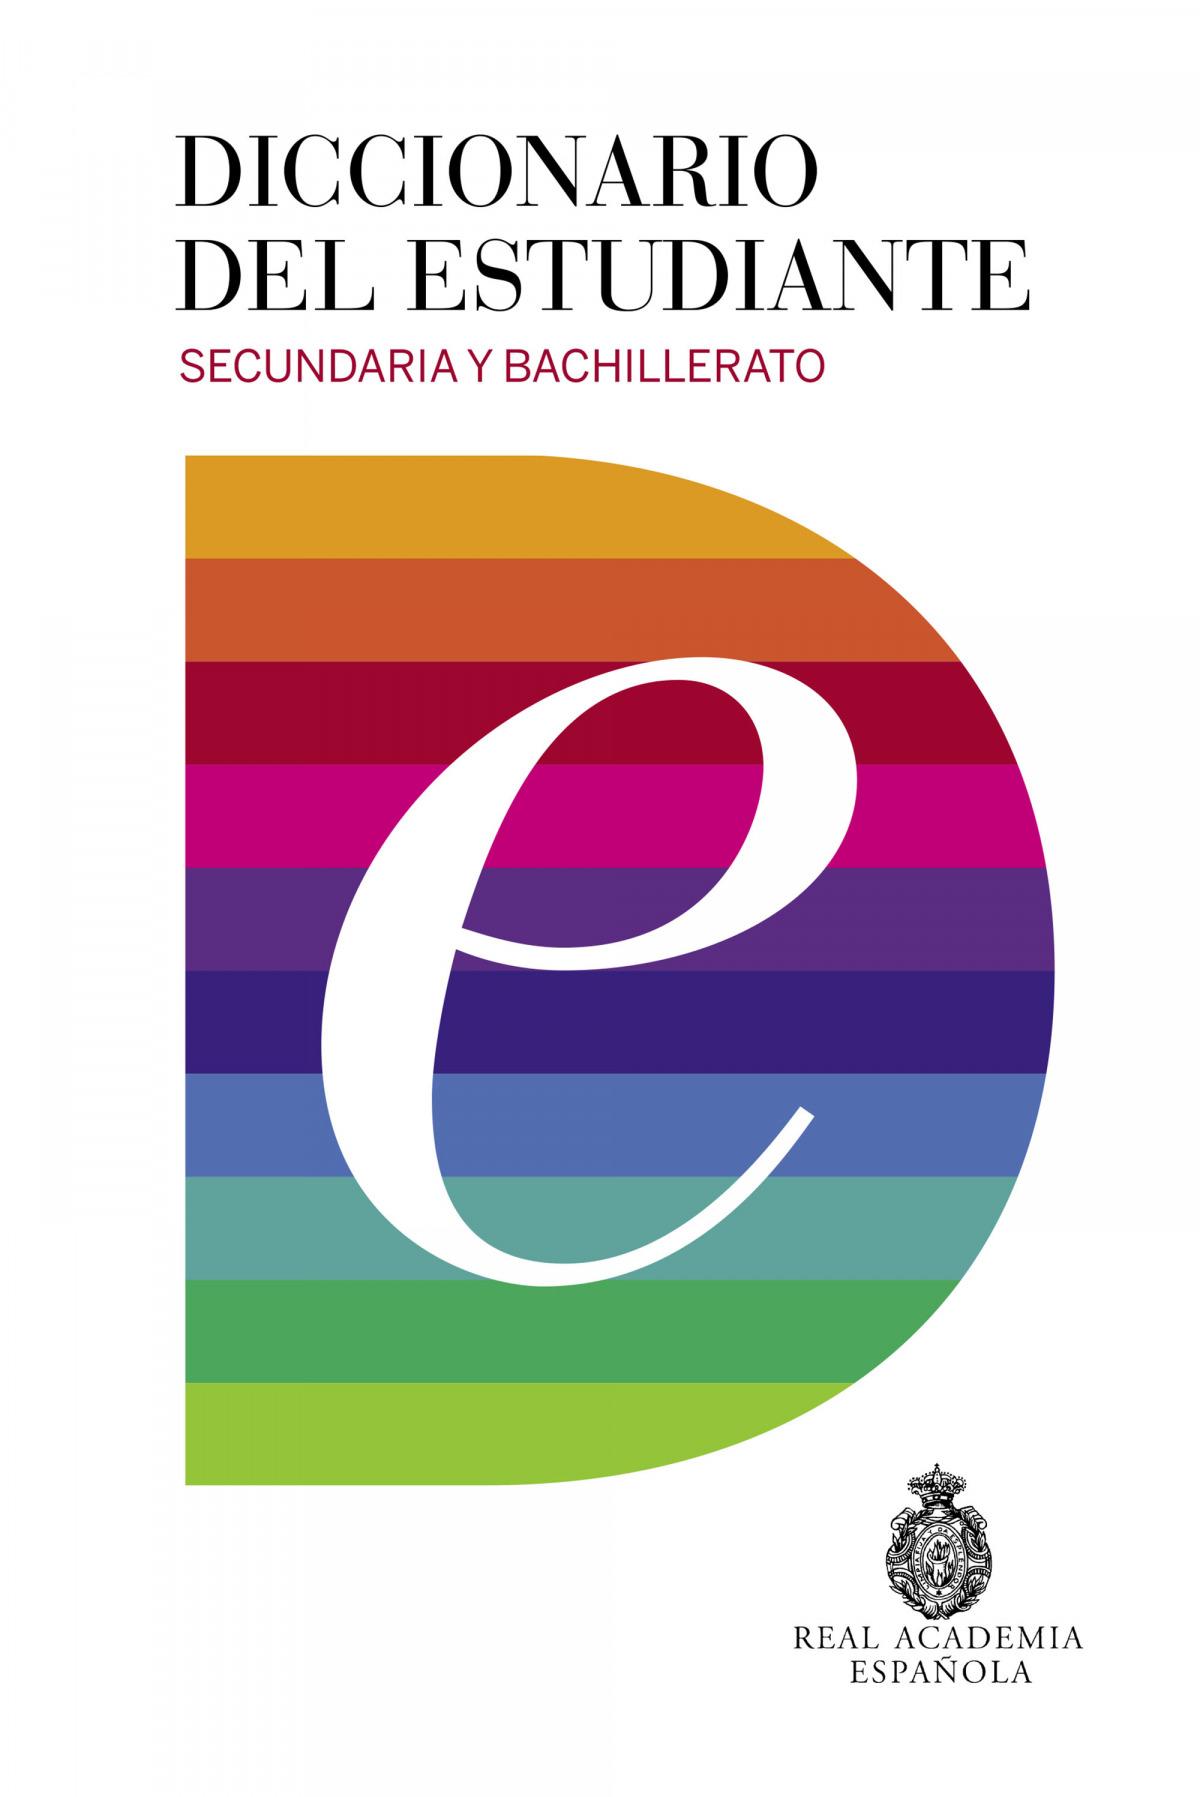 DICCIONARIO DEL ESTUDIANTE SECUNDARIA Y BACHILLERATO 2016